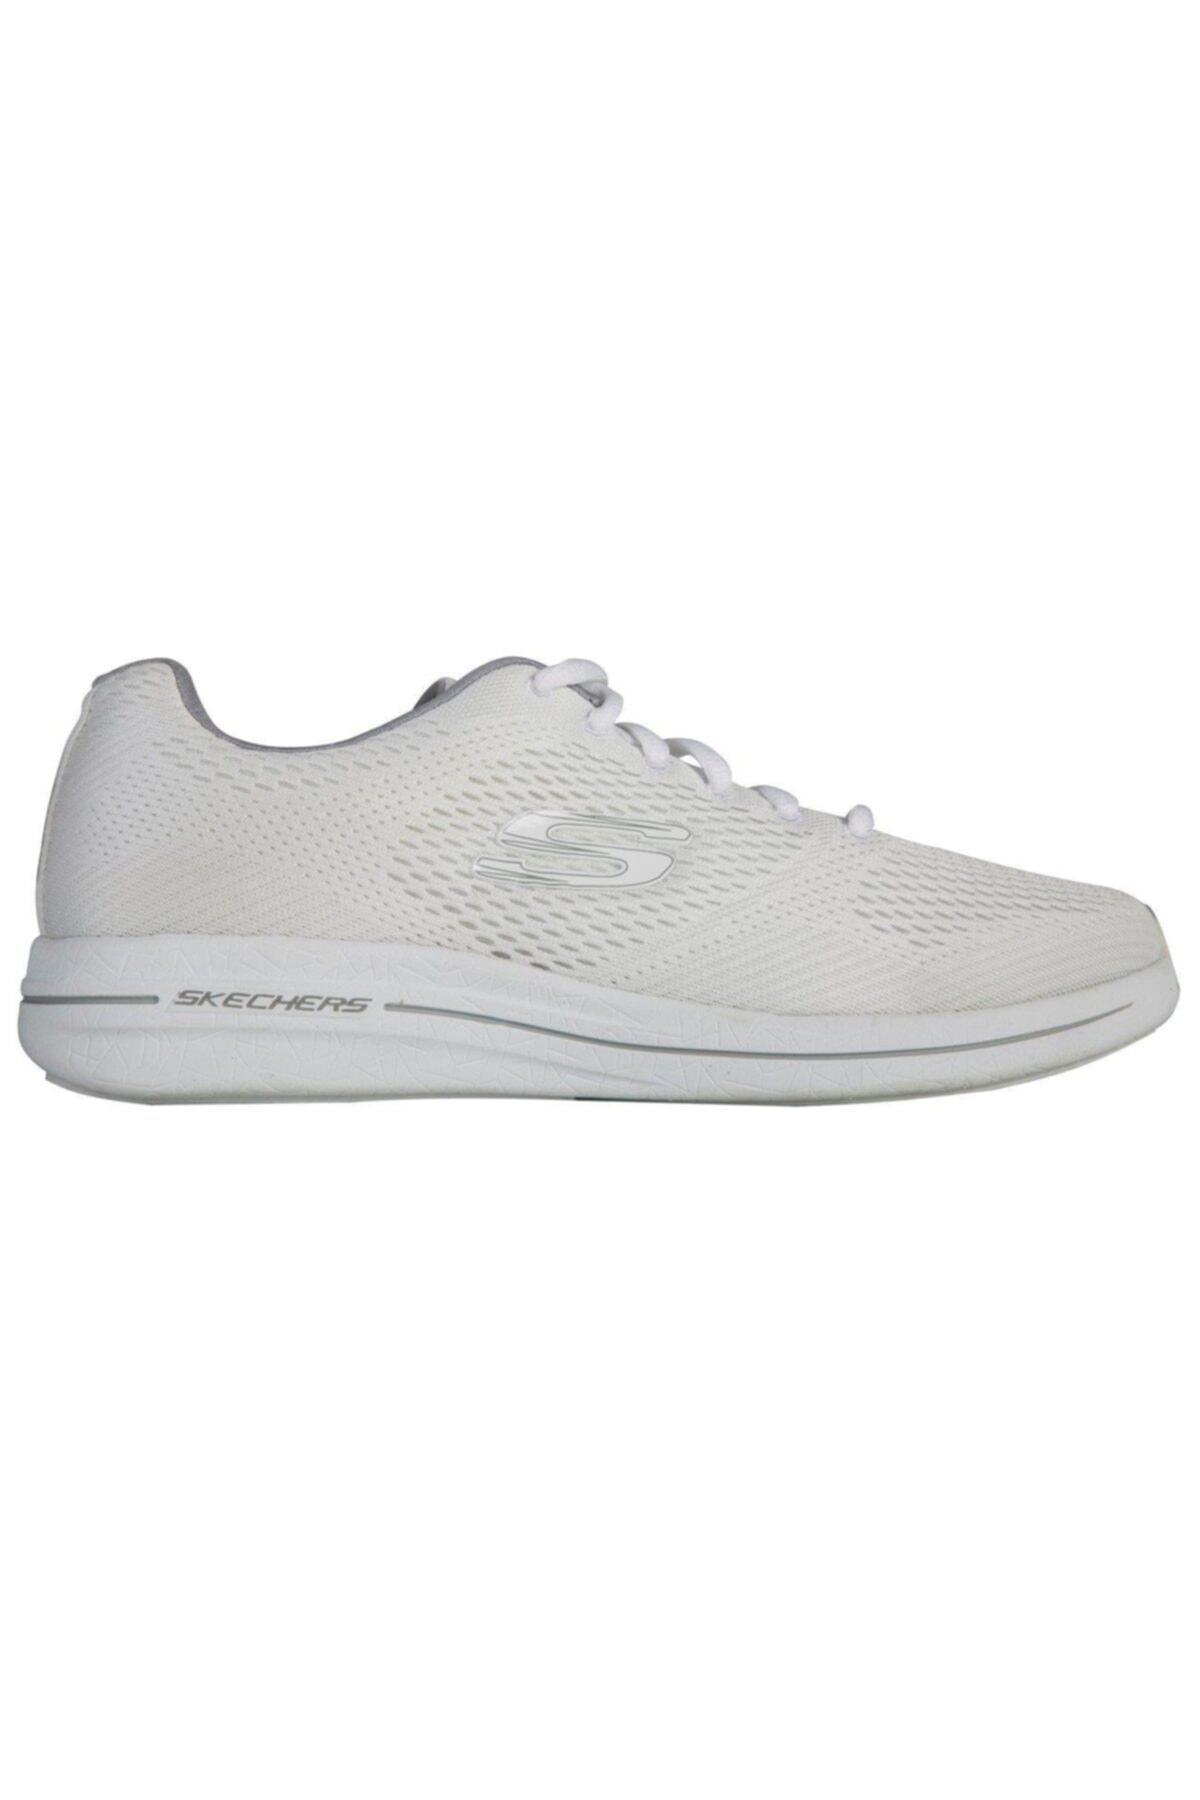 SKECHERS BURST 2.0- OUT OF RANGE Erkek Beyaz Spor Ayakkabı 2